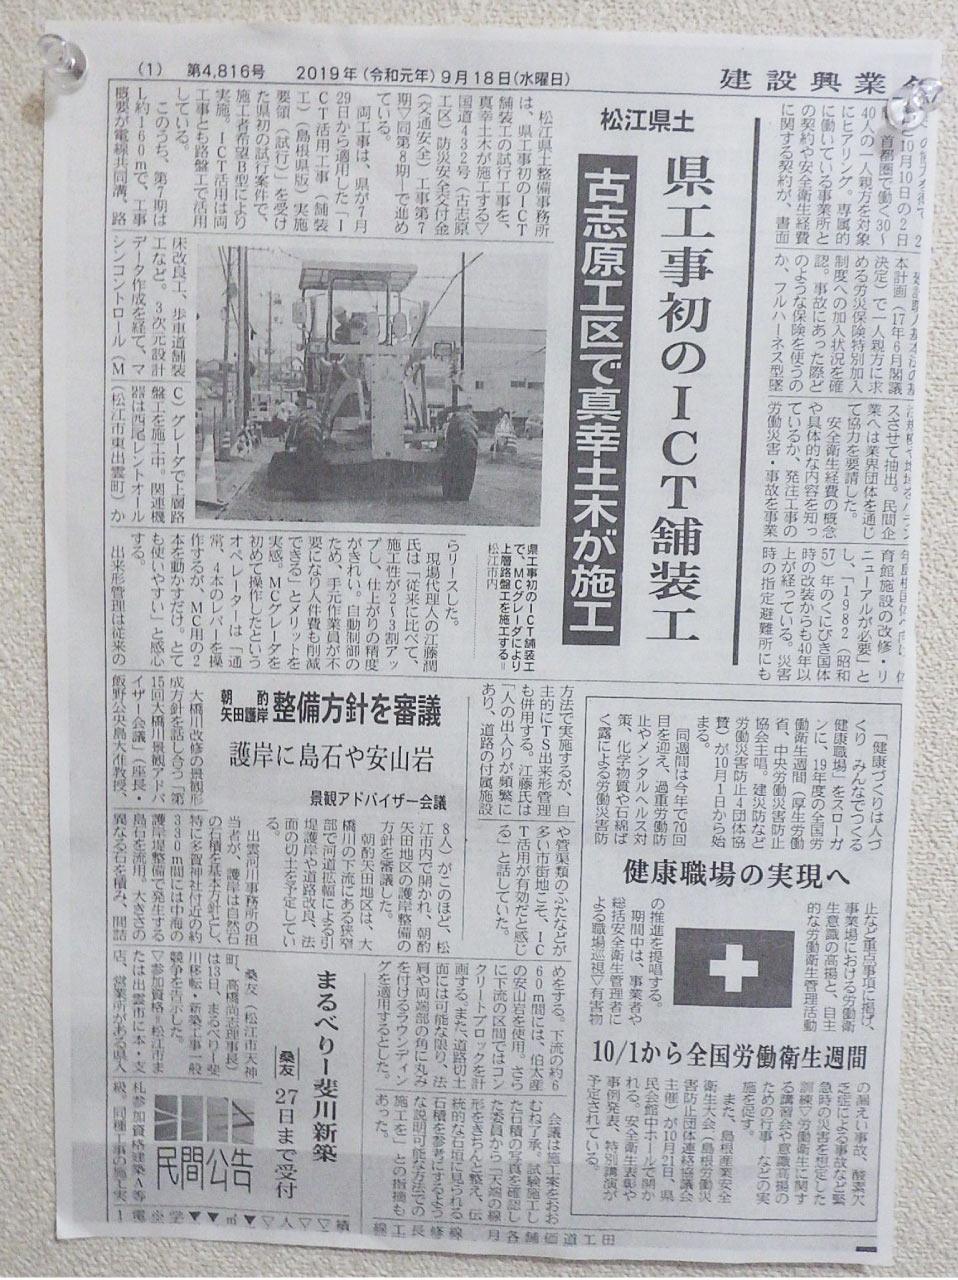 建設工業タイムズに掲載された記事